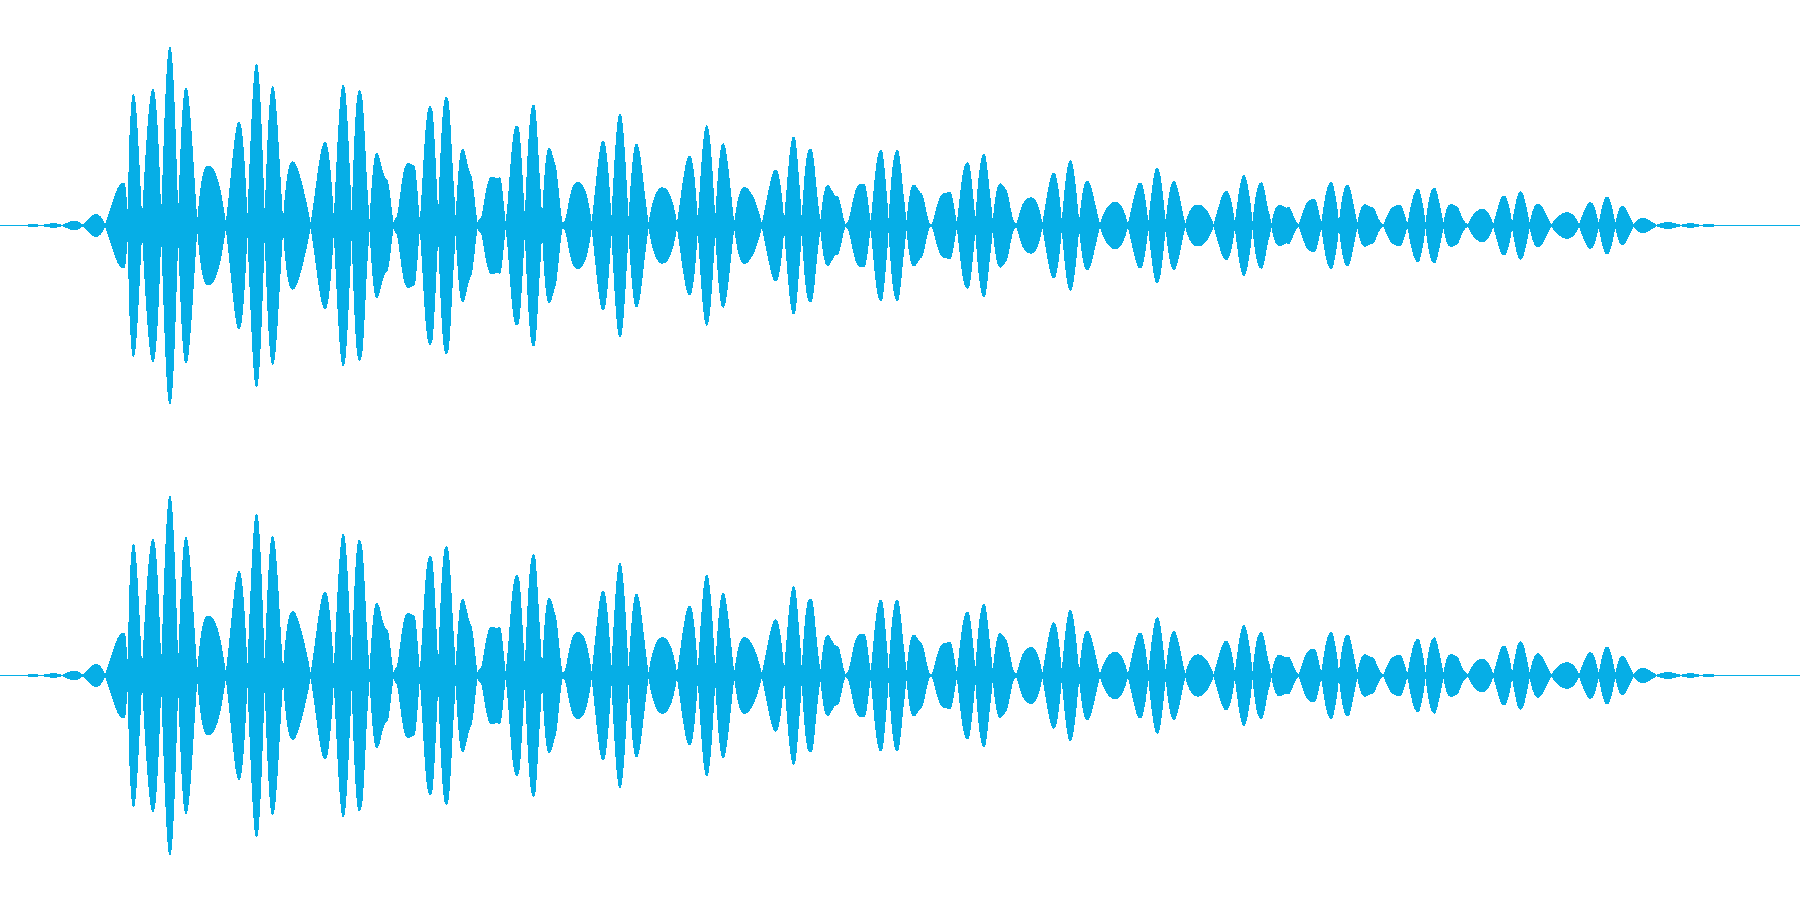 キャンセル(パソコン/エラー画面)の再生済みの波形